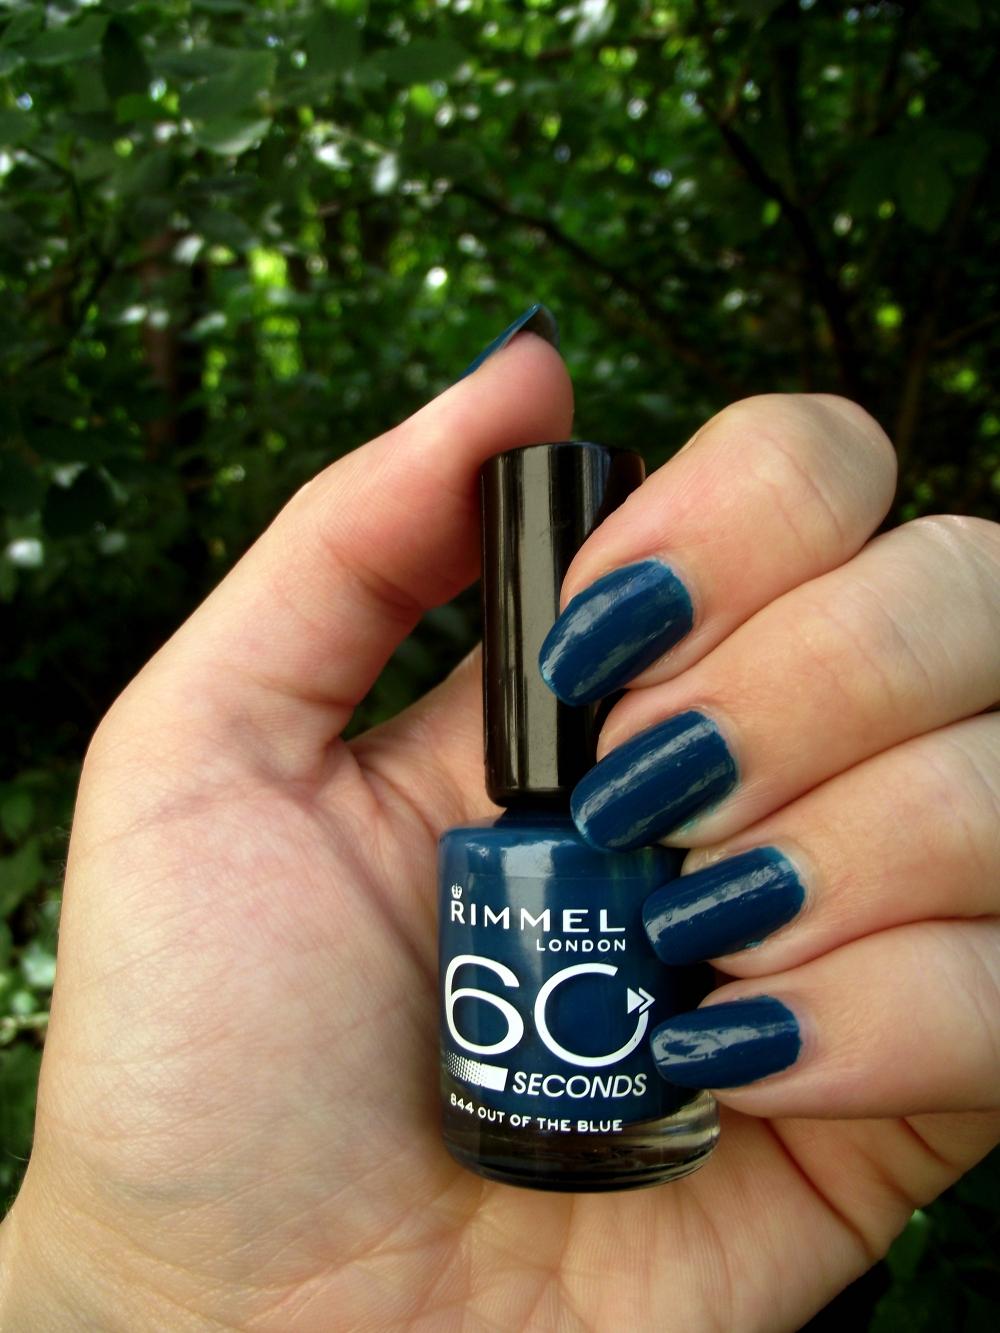 rimmel london 60 seconds nail polish (2)